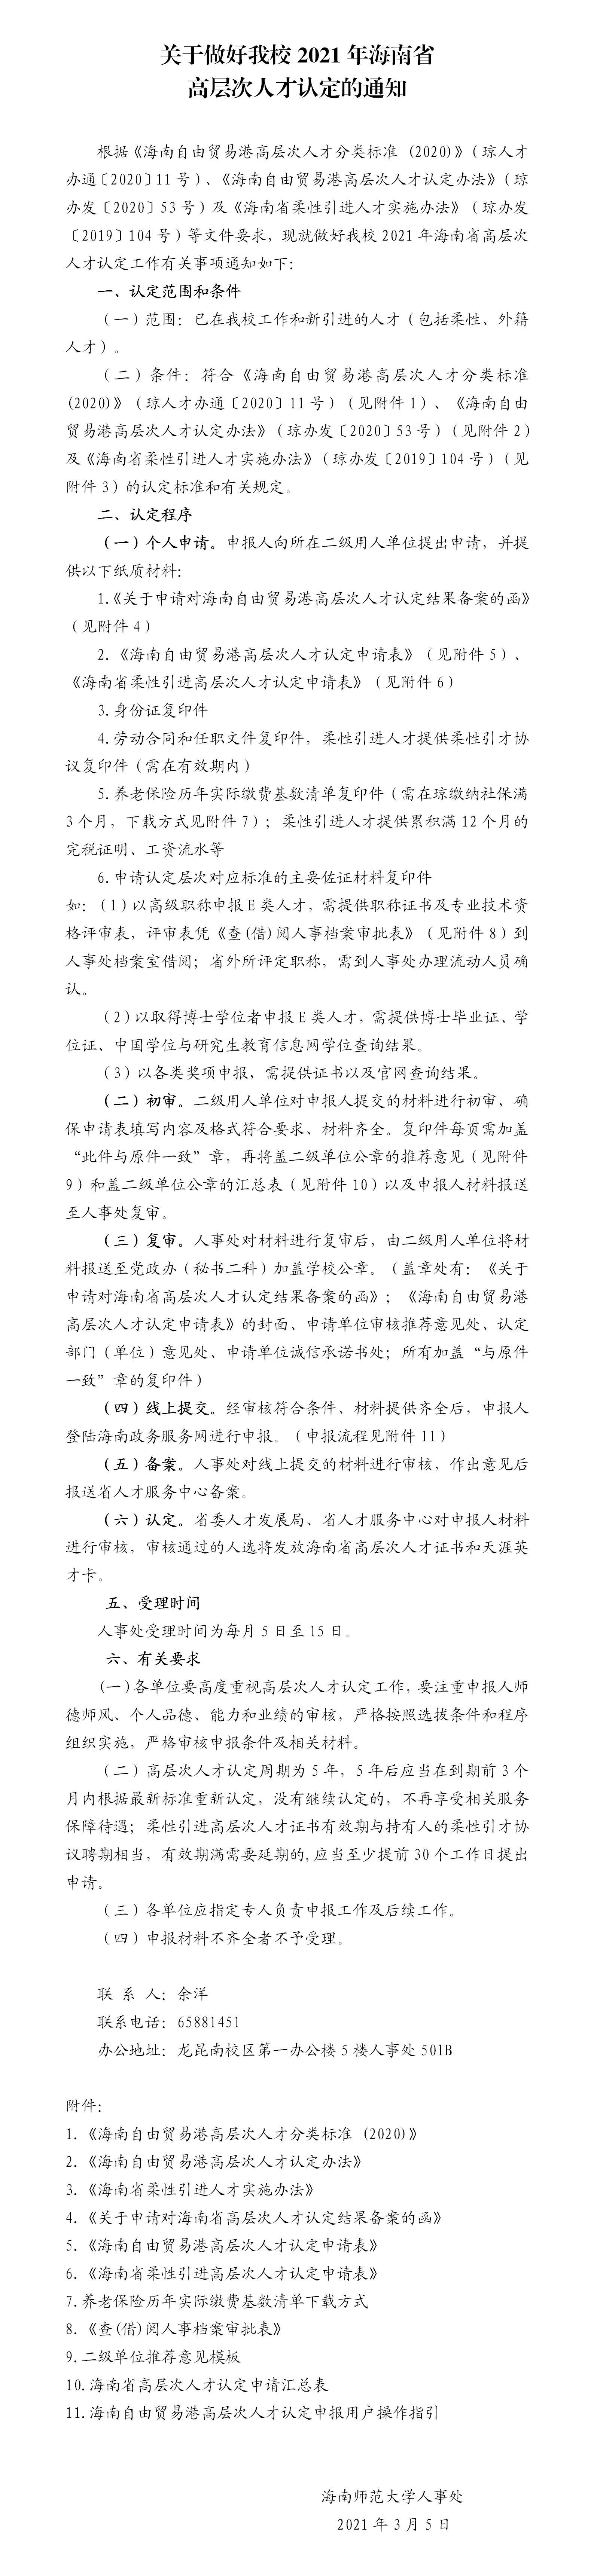 关于做好我校2021年海南省高层次人才认定的通知